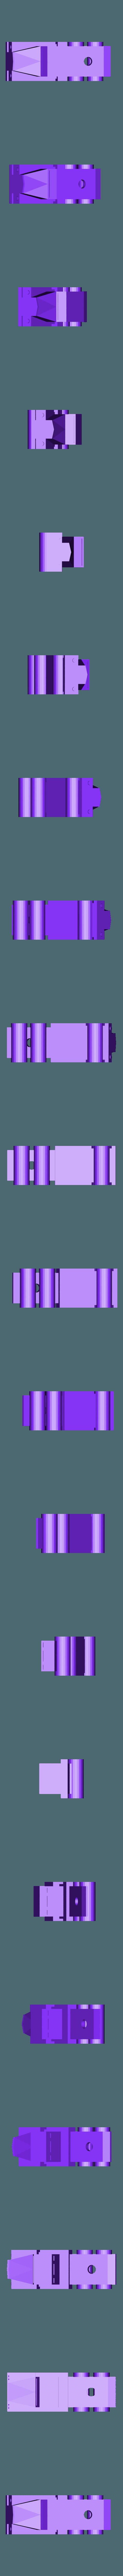 Kenworth.stl Télécharger fichier STL gratuit Cargo Container Set (Échelle N) • Modèle à imprimer en 3D, MFouillard